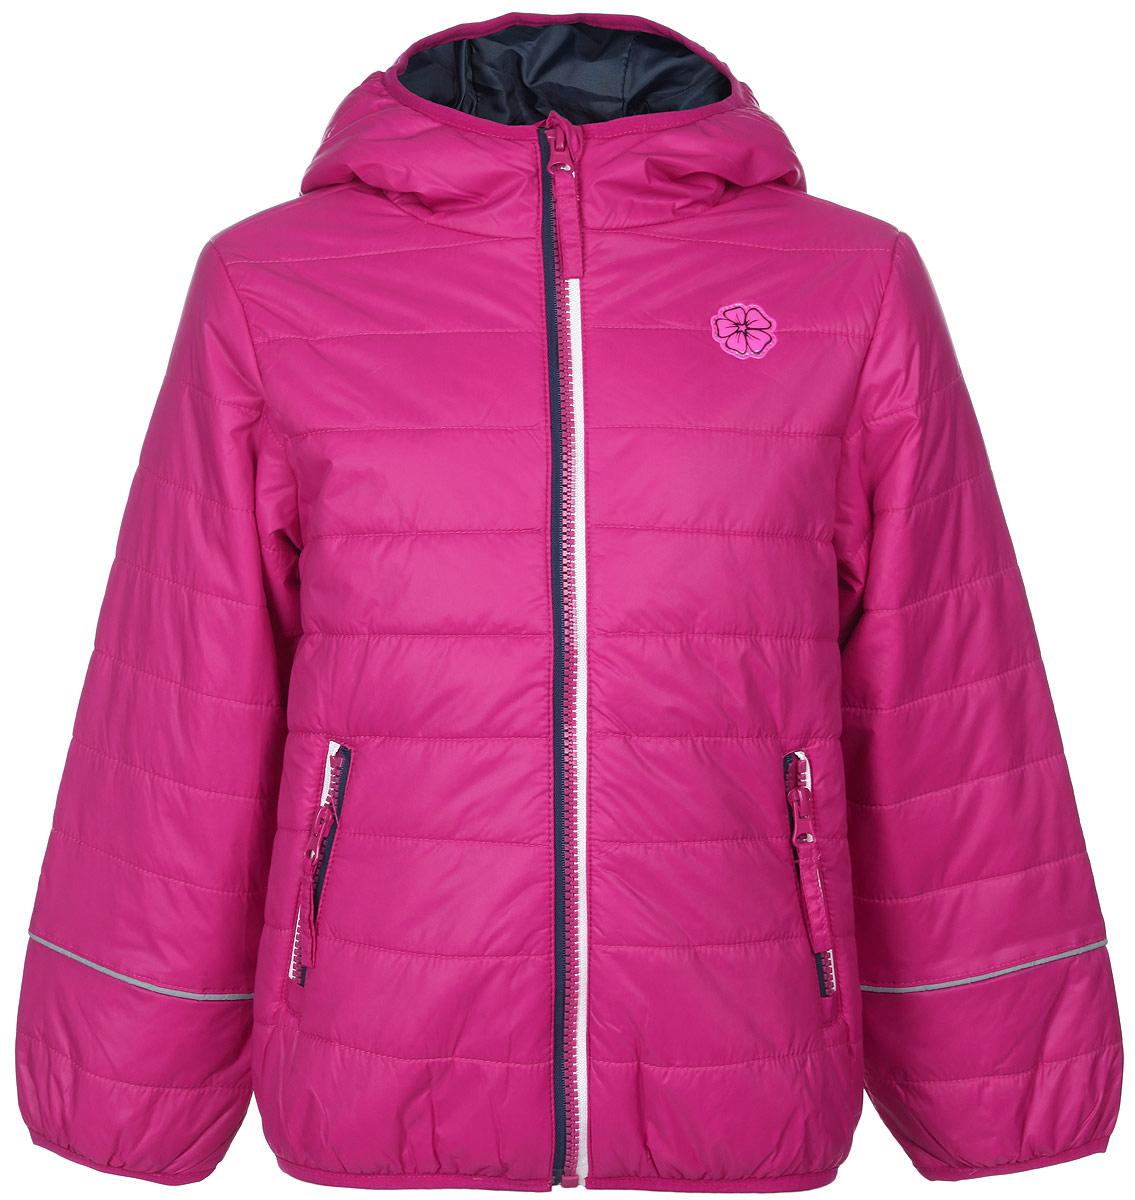 Куртка для девочки. Cp-526/615-6102Cp-526/615-6102Яркая куртка для девочки Sela идеально подойдет вашему ребенку в прохладную погоду. Модель изготовлена из нейлона на подкладке из полиэстера, в качестве утеплителя используется тонкая прослойка синтепона. Благодаря своему составу, куртка очень легкая, максимально удерживает тепло, отлично сохраняет свой внешний вид даже при многократных стирках, быстро сохнет. Куртка с капюшоном застегивается на пластиковую молнию с защитой подбородка и дополнительно имеет внутреннюю ветрозащитную планку. Капюшон не отстегивается, дополнен по краю скрытой эластичной резинкой. Спереди предусмотрены два прорезных кармана на застежках-молниях. По краям рукавов и по низу изделия проходит эластичная резинка. Куртка дополнена светоотражающими элементами для безопасности ребенка в темное время суток. Спереди модель украшена яркой нашивкой в виде цветка. Легкая, комфортная и теплая куртка идеально подойдет для прогулок и игр на свежем воздухе!